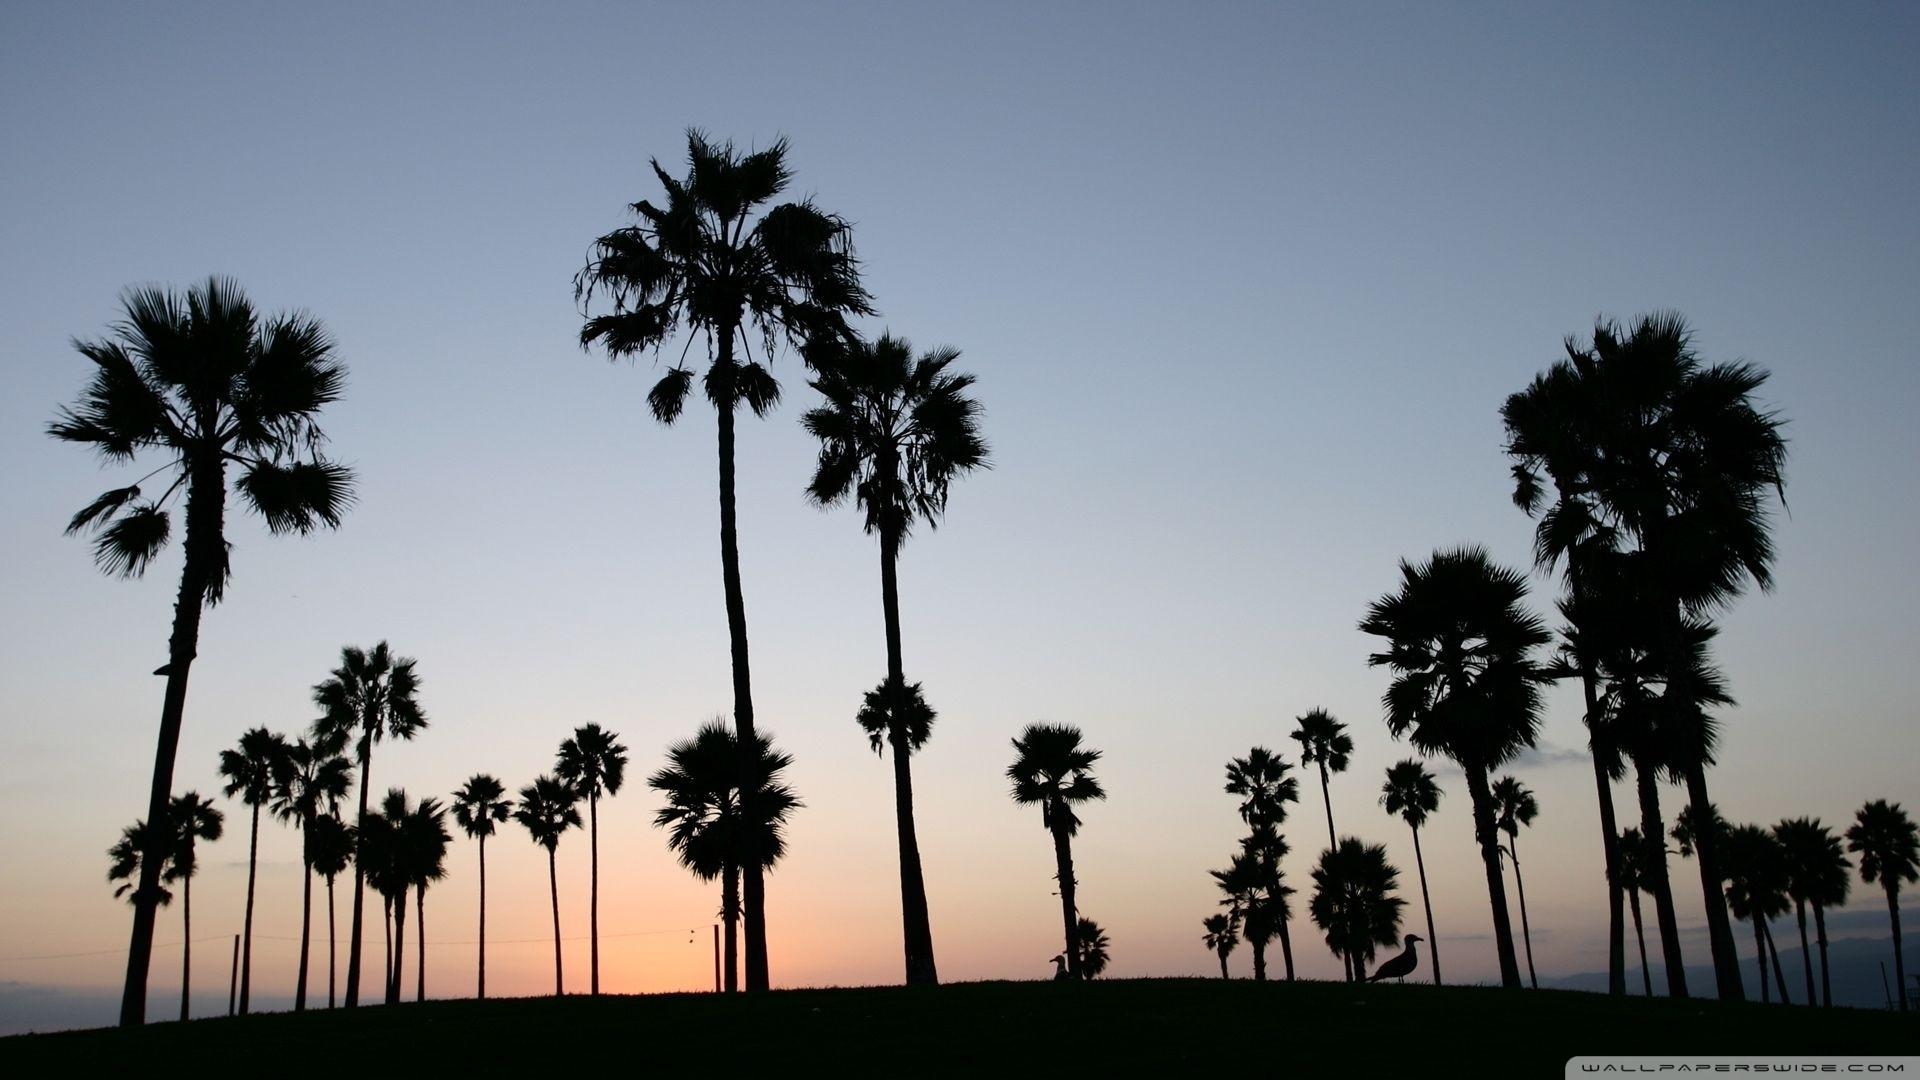 palm trees silhouette ❤ 4k hd desktop wallpaper for 4k ultra hd tv